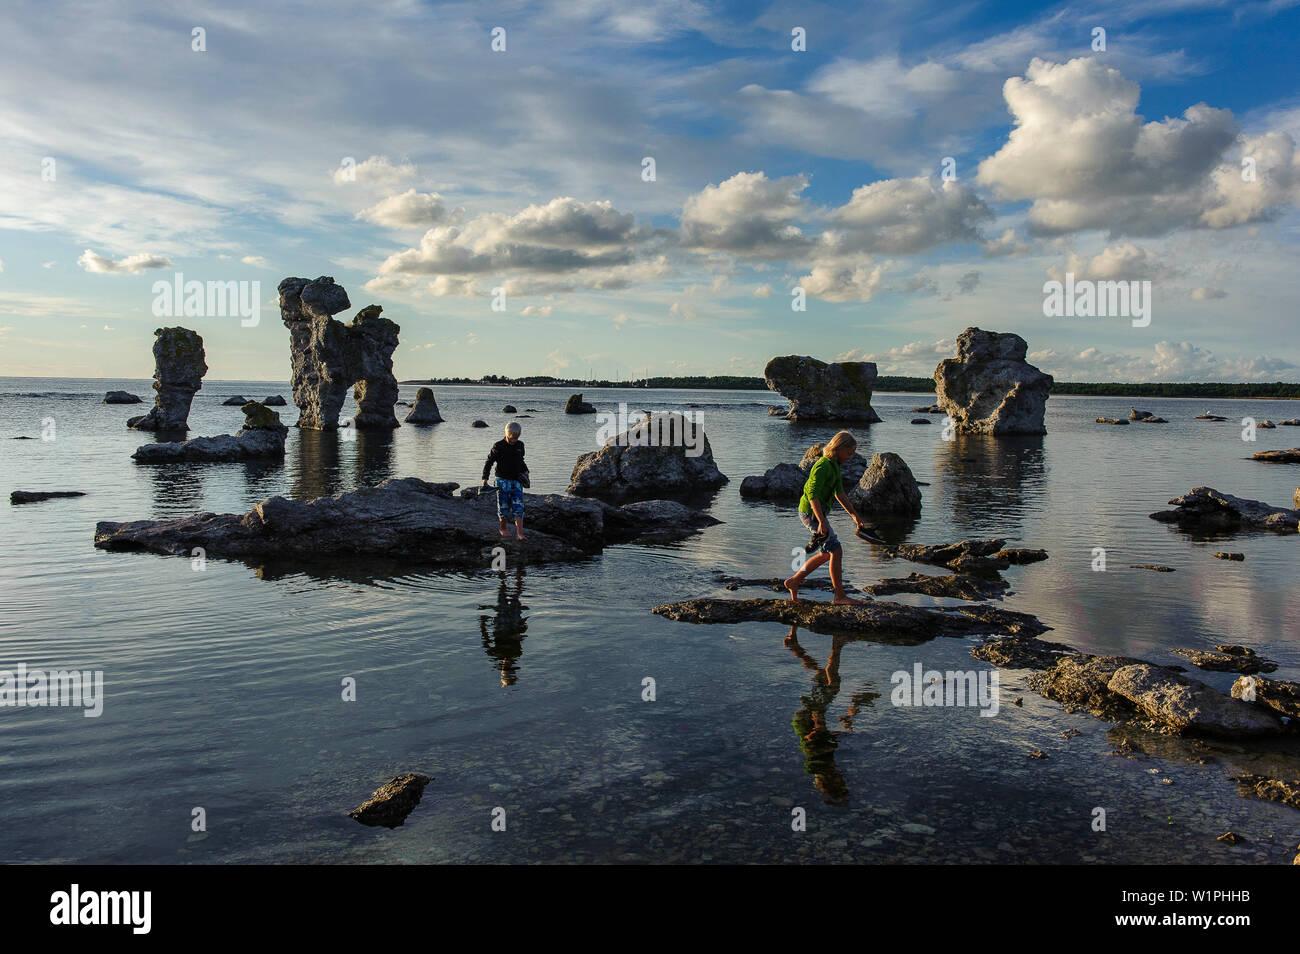 Abendlicht, Abendrot, Atmosphaere, Baltic Sea, Felsen, Fotografieren, Insel, Island, Kinder, Landschaft, Nacht, Nachtaufnahme, Night Scene, Ostseekues - Stock Image